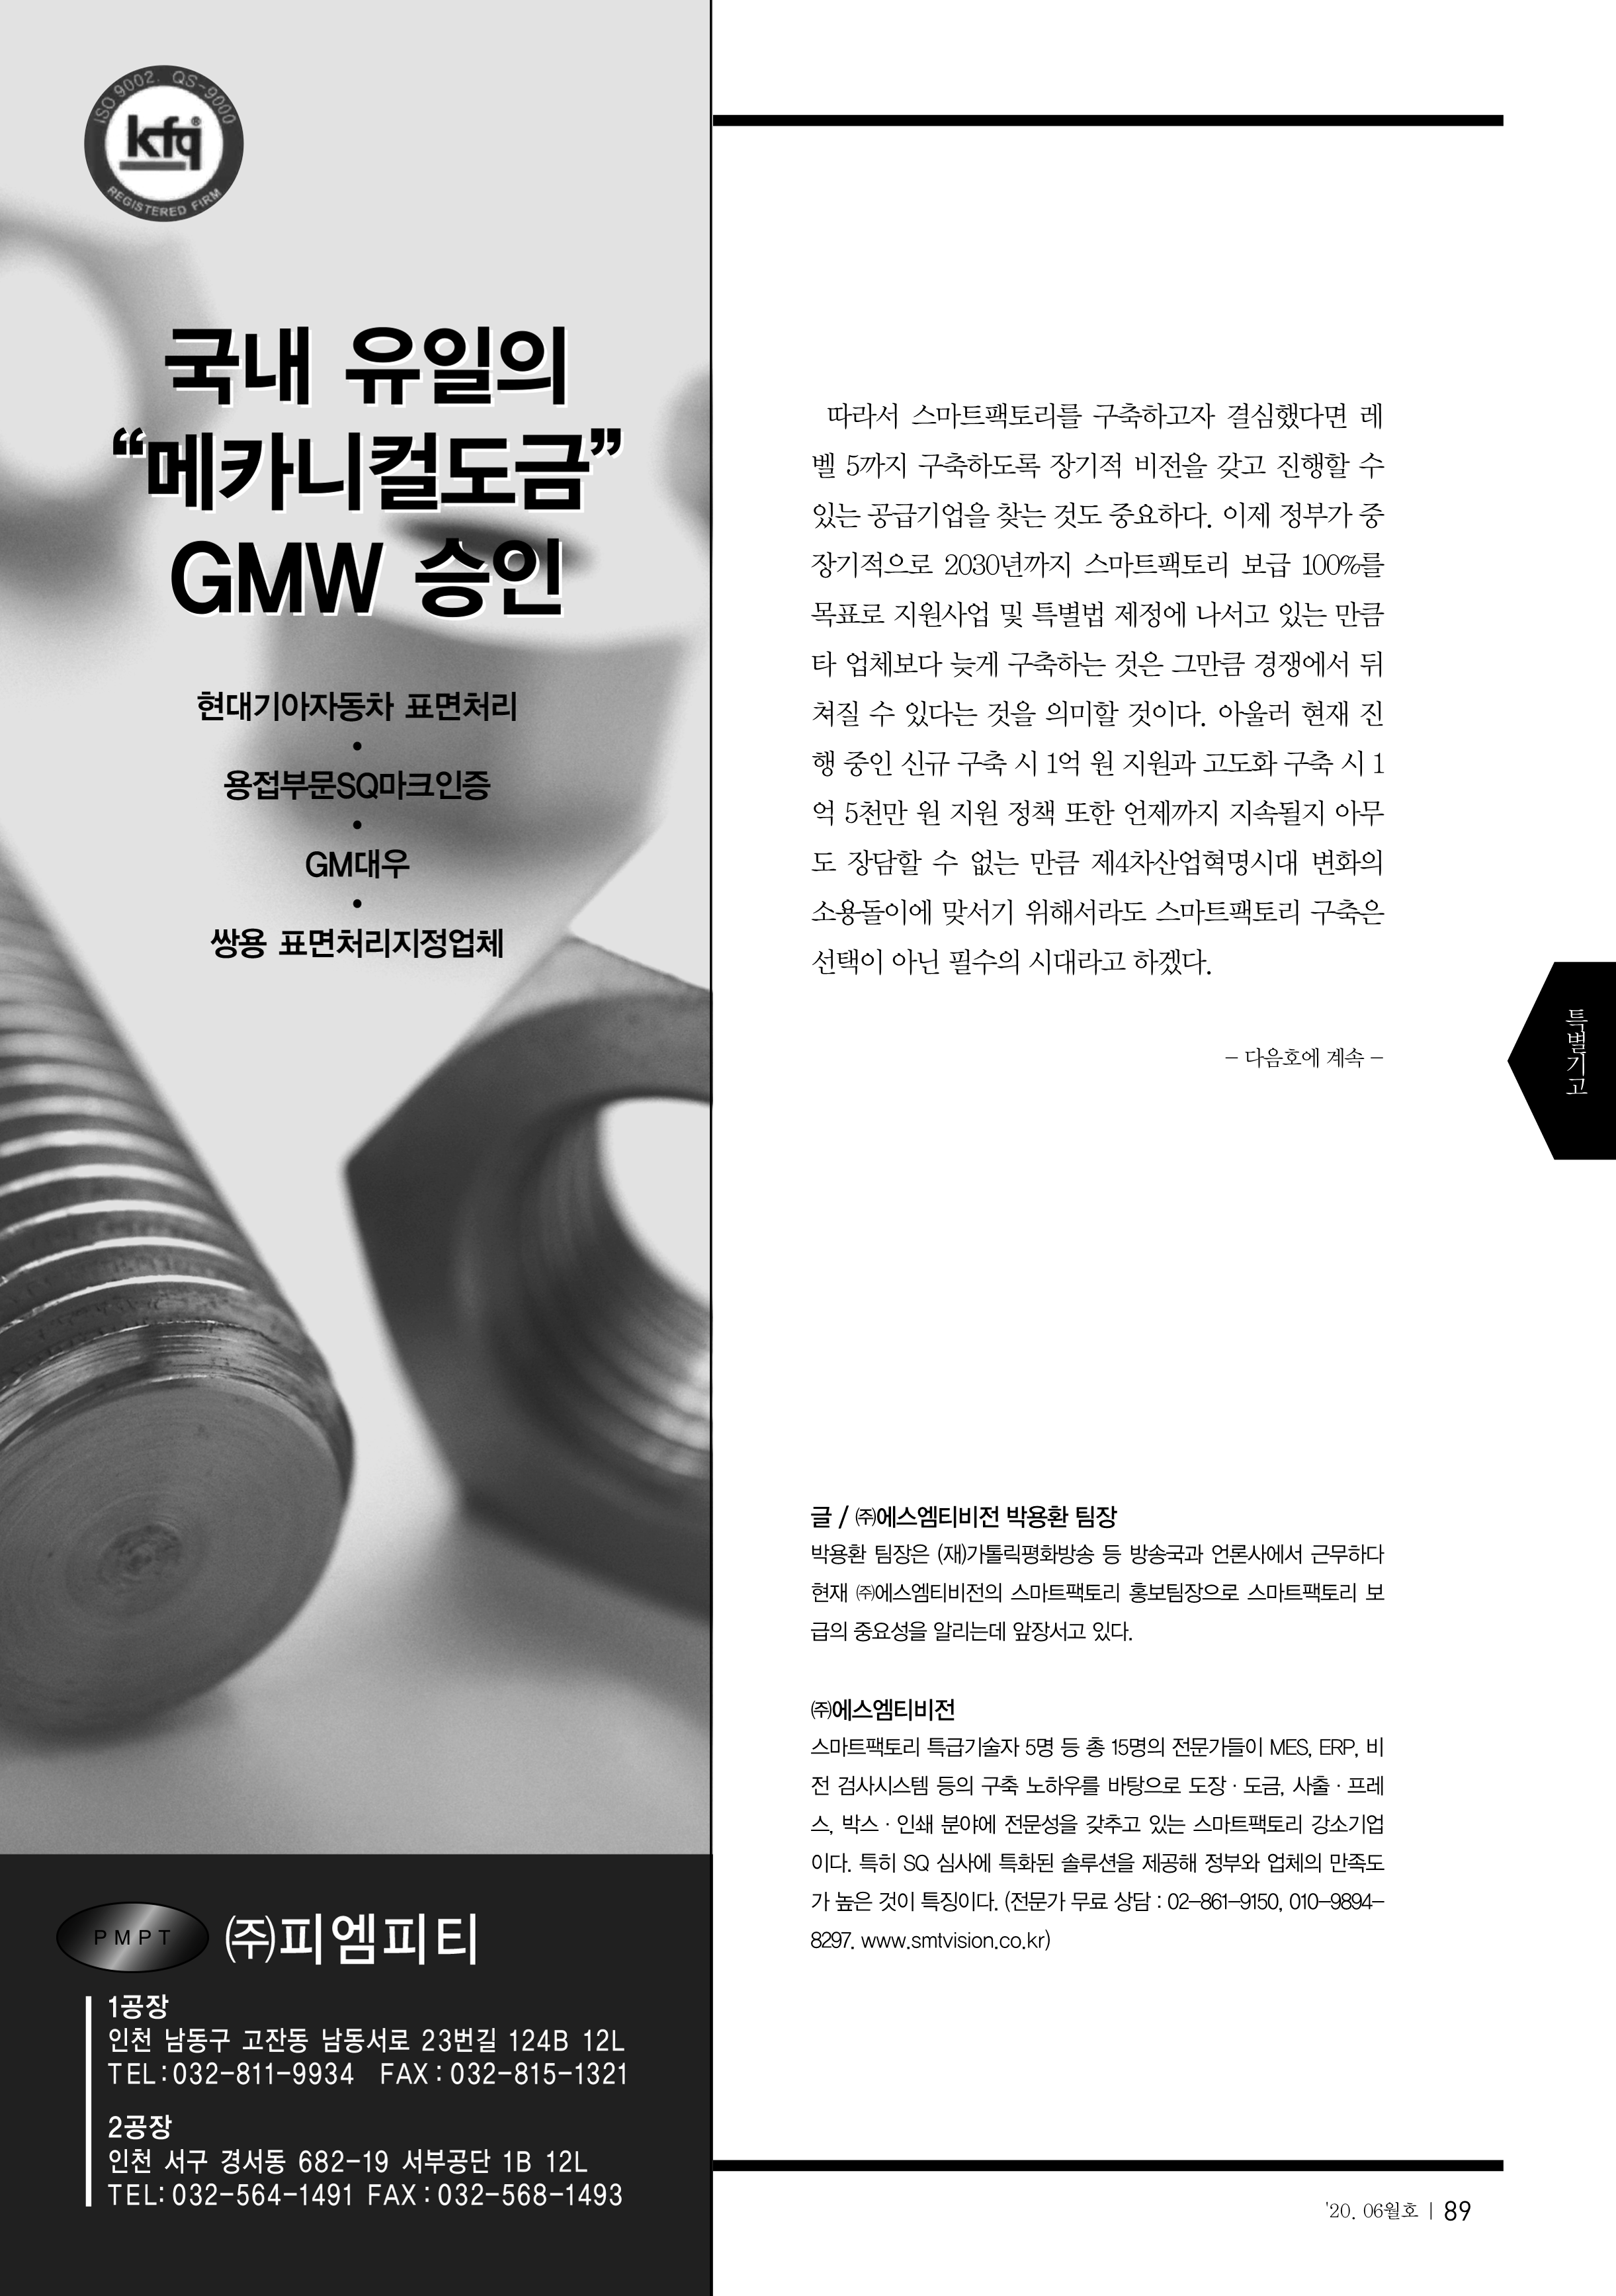 20년 6월호 표면처리저널(SMT 기사 및 광고)_5.png